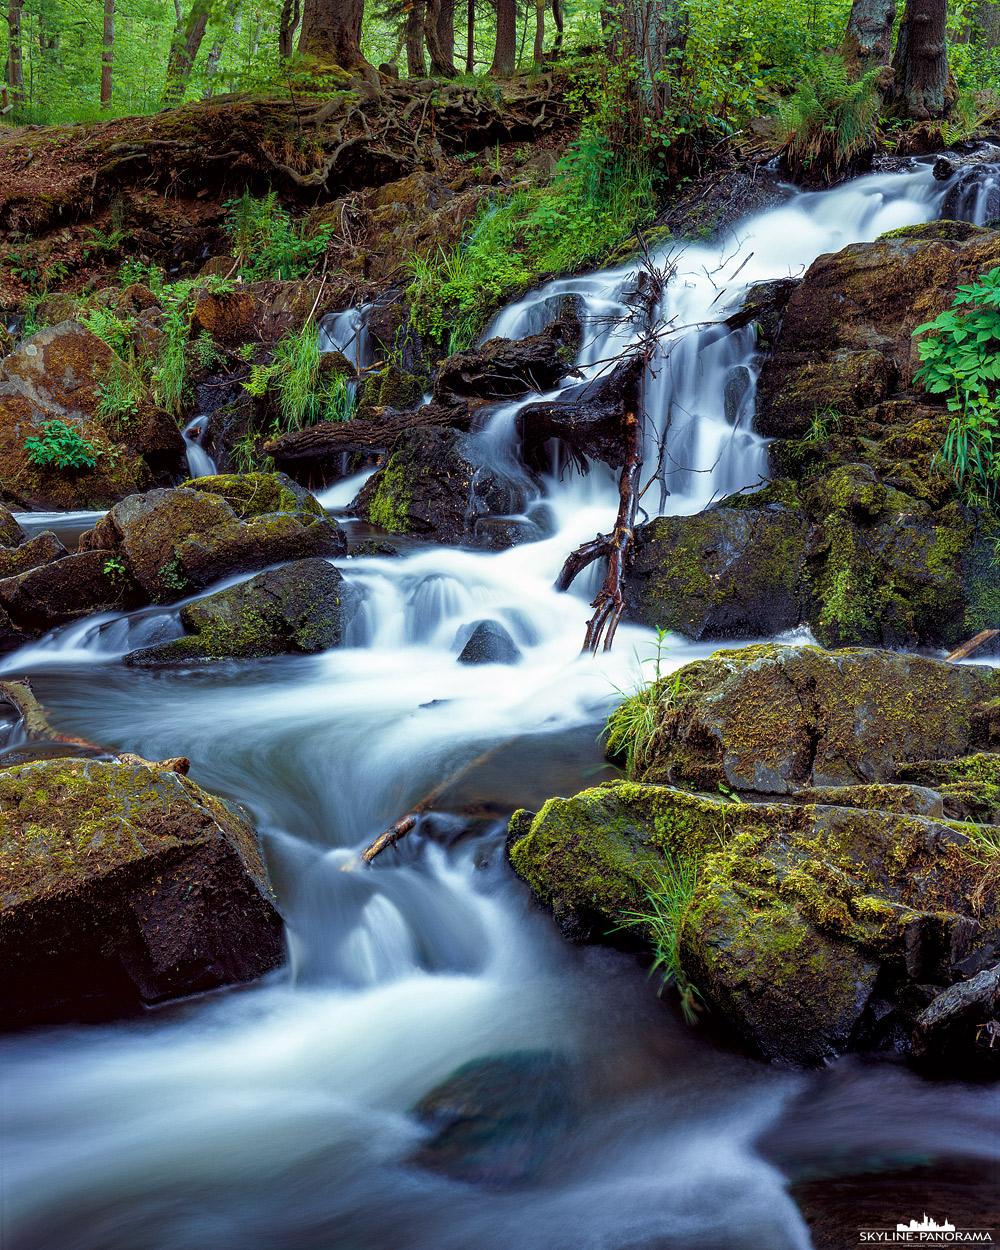 """Bilder aus dem Harz - Wasserfall der Selke im 4x5"""" Großformat als Langzeitbelichtung. Der Wasserfall liegt an der Bundesstraße, kurz vor dem Ort Alexisbad im Harz."""